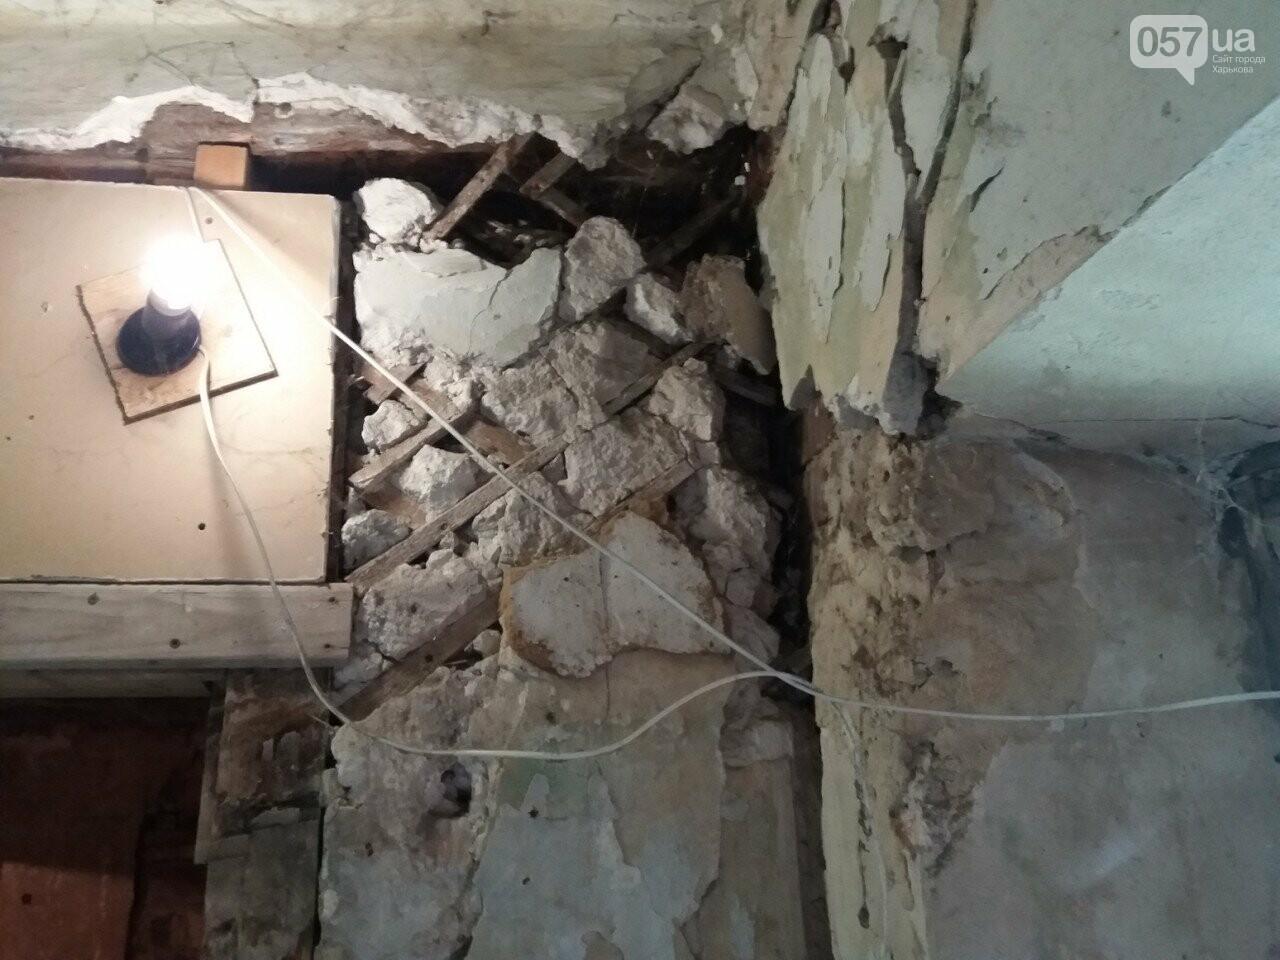 10 лет без ремонта: почему в Харькове не спешат восстанавливать аварийный дом, - ФОТО, фото-12